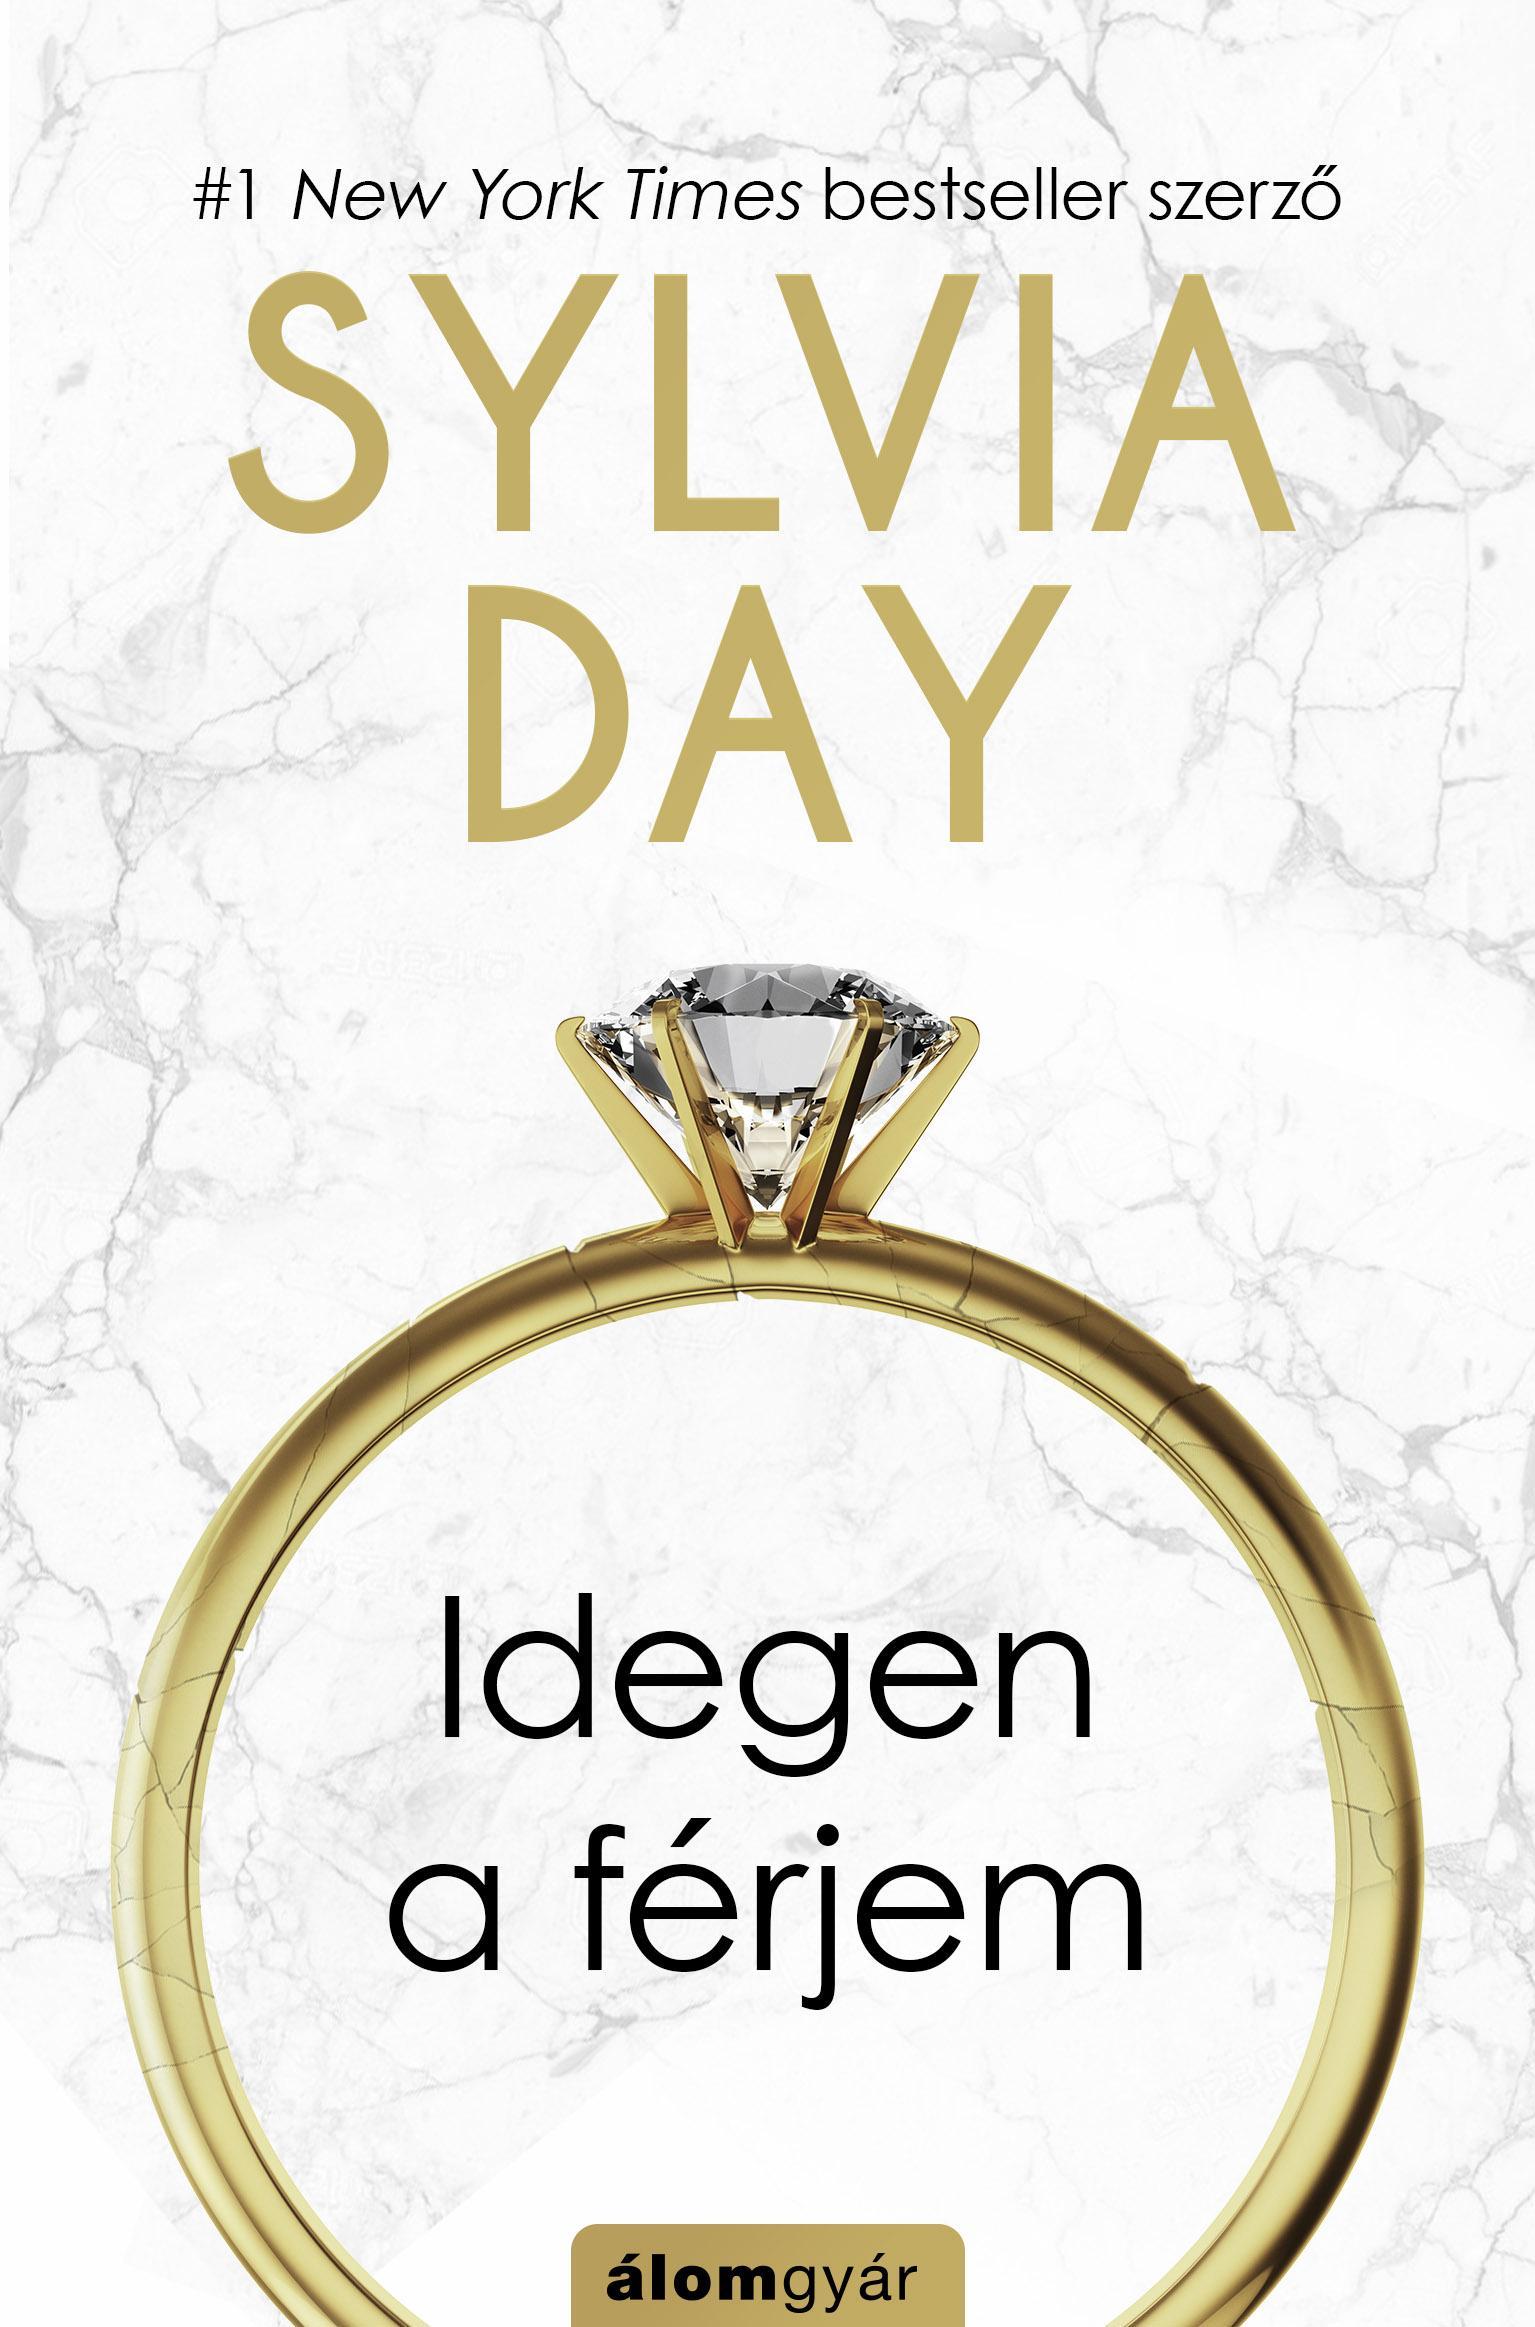 DAY, SYLVIA - IDEGEN A FÉRJEM